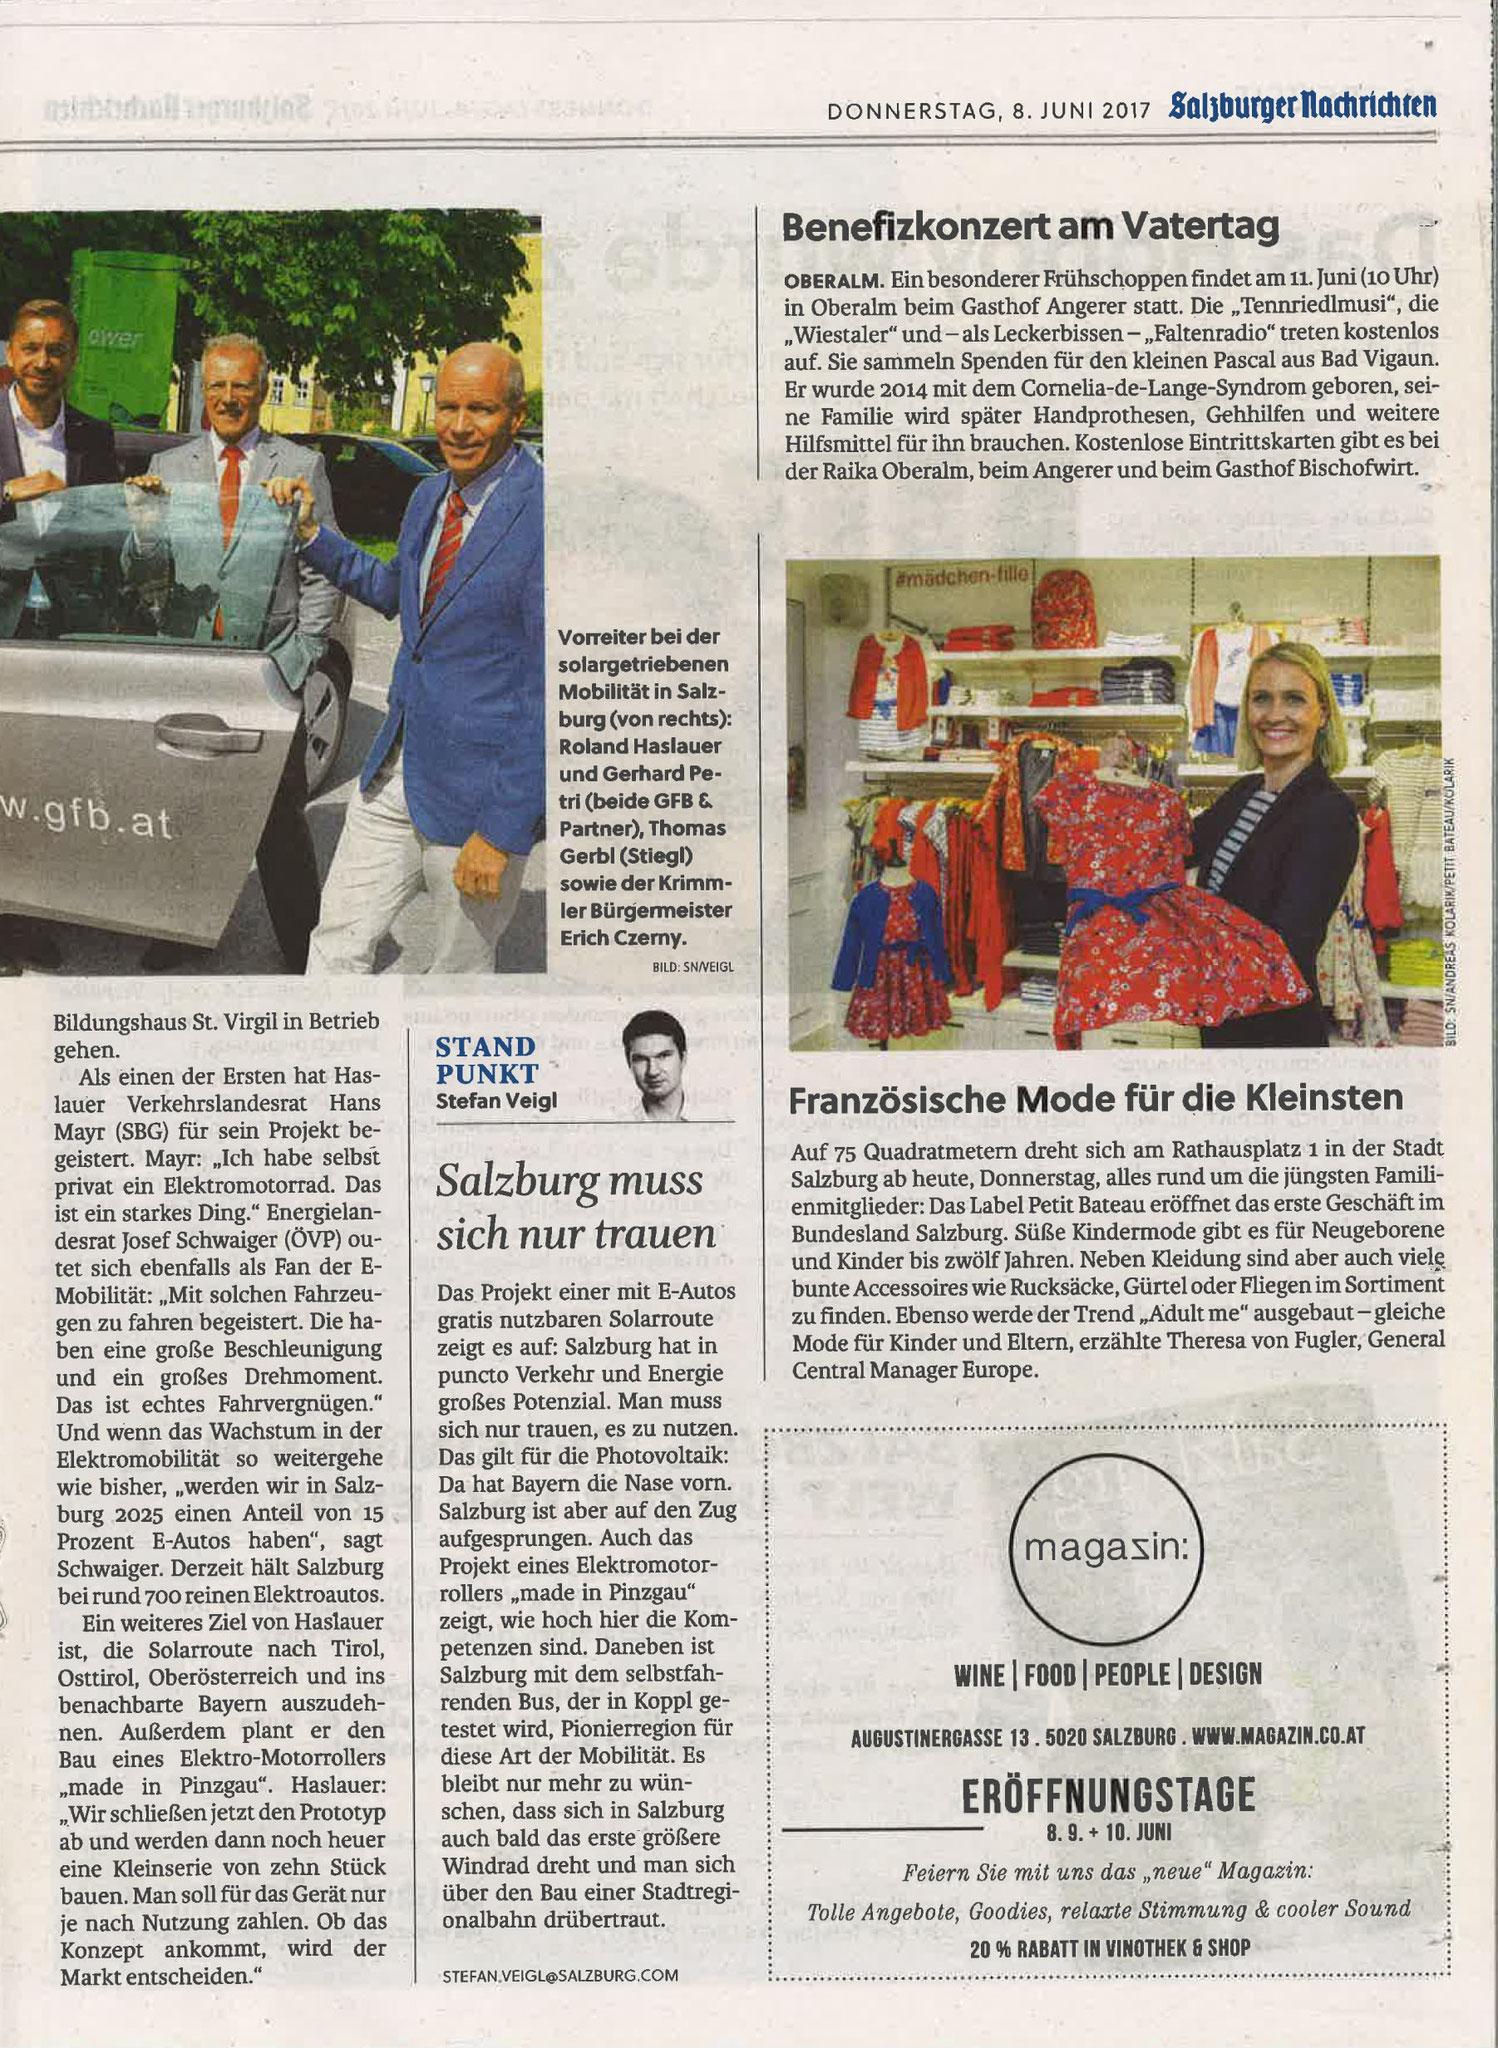 Salzburger Nachrichten, 8. Juni 2017